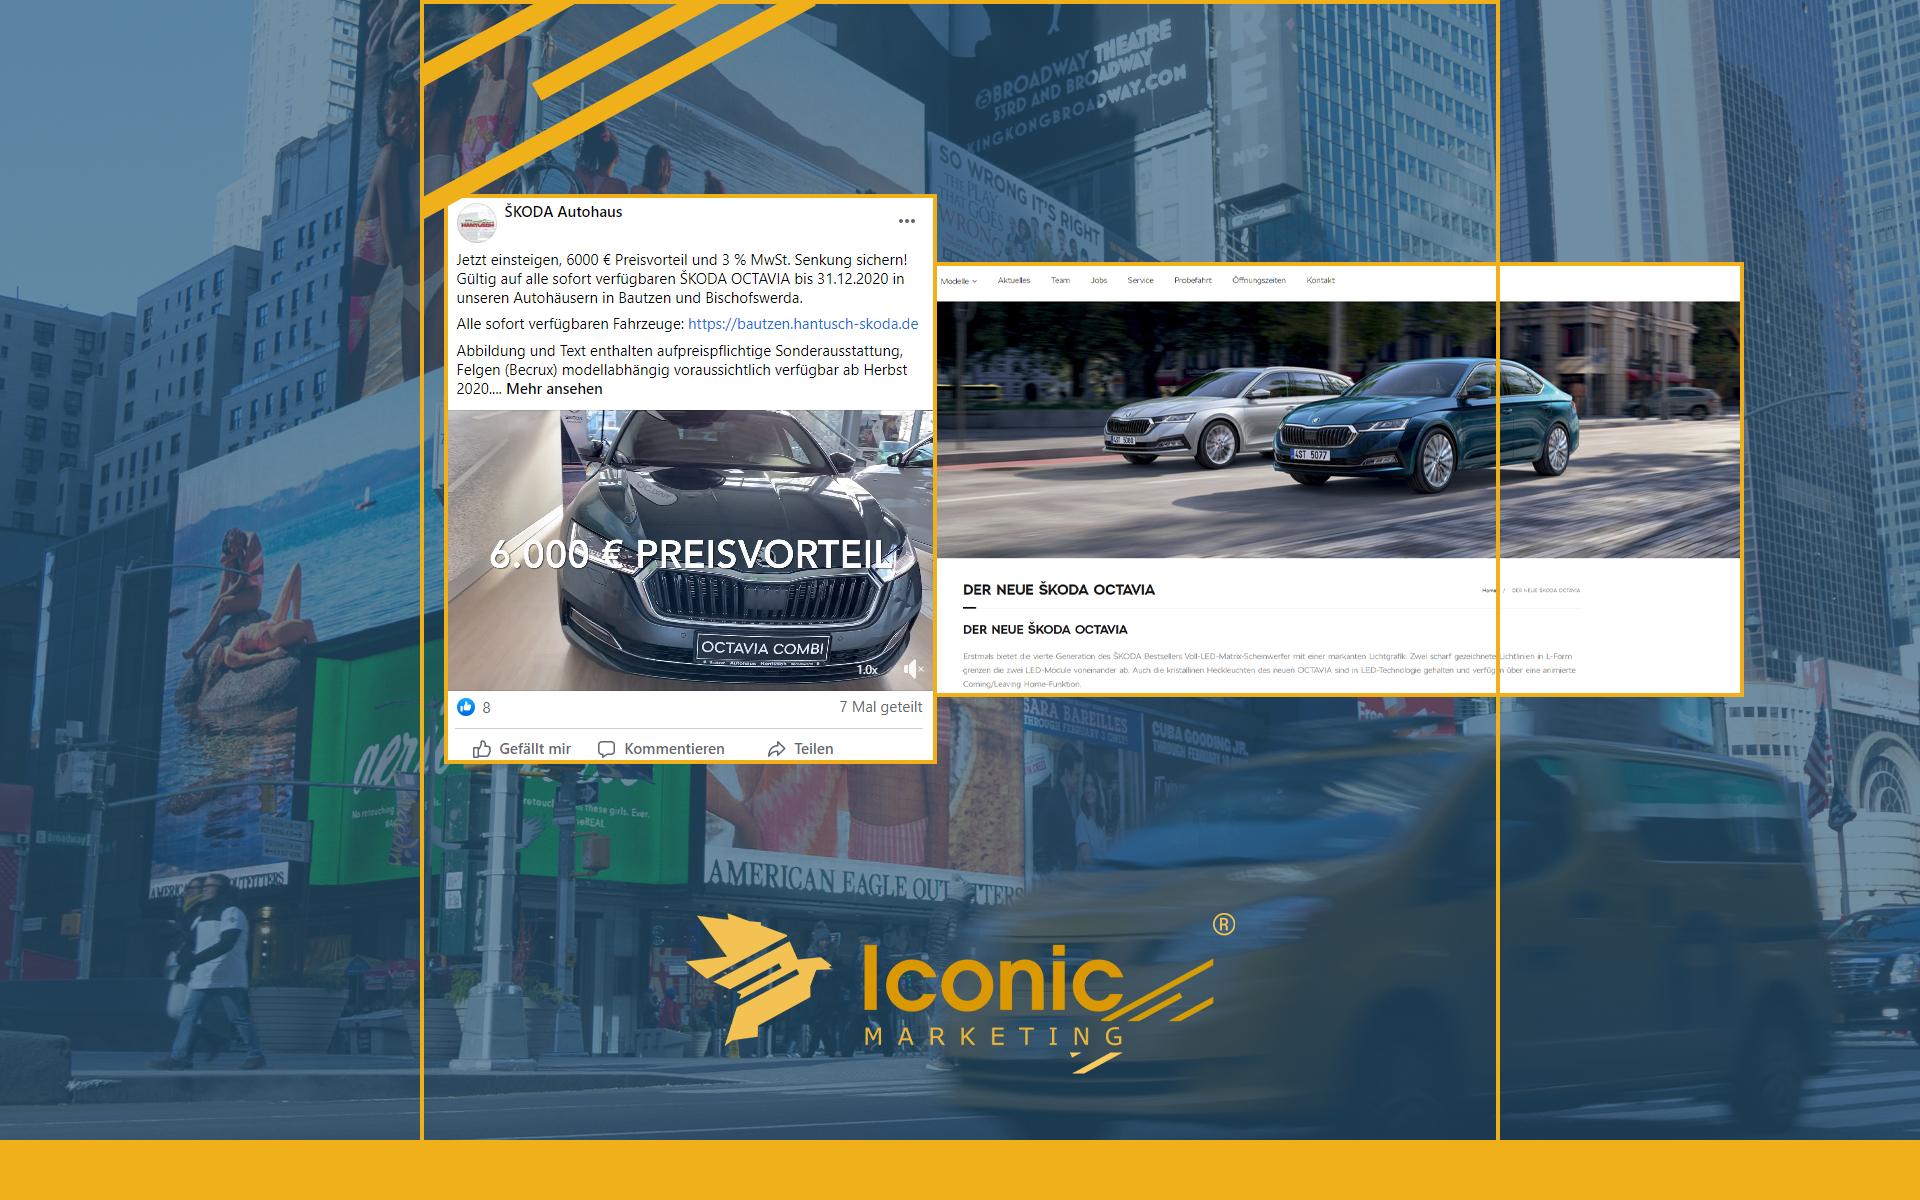 Iconic Marketing Prime kümmert sich um Social Media Kanäle